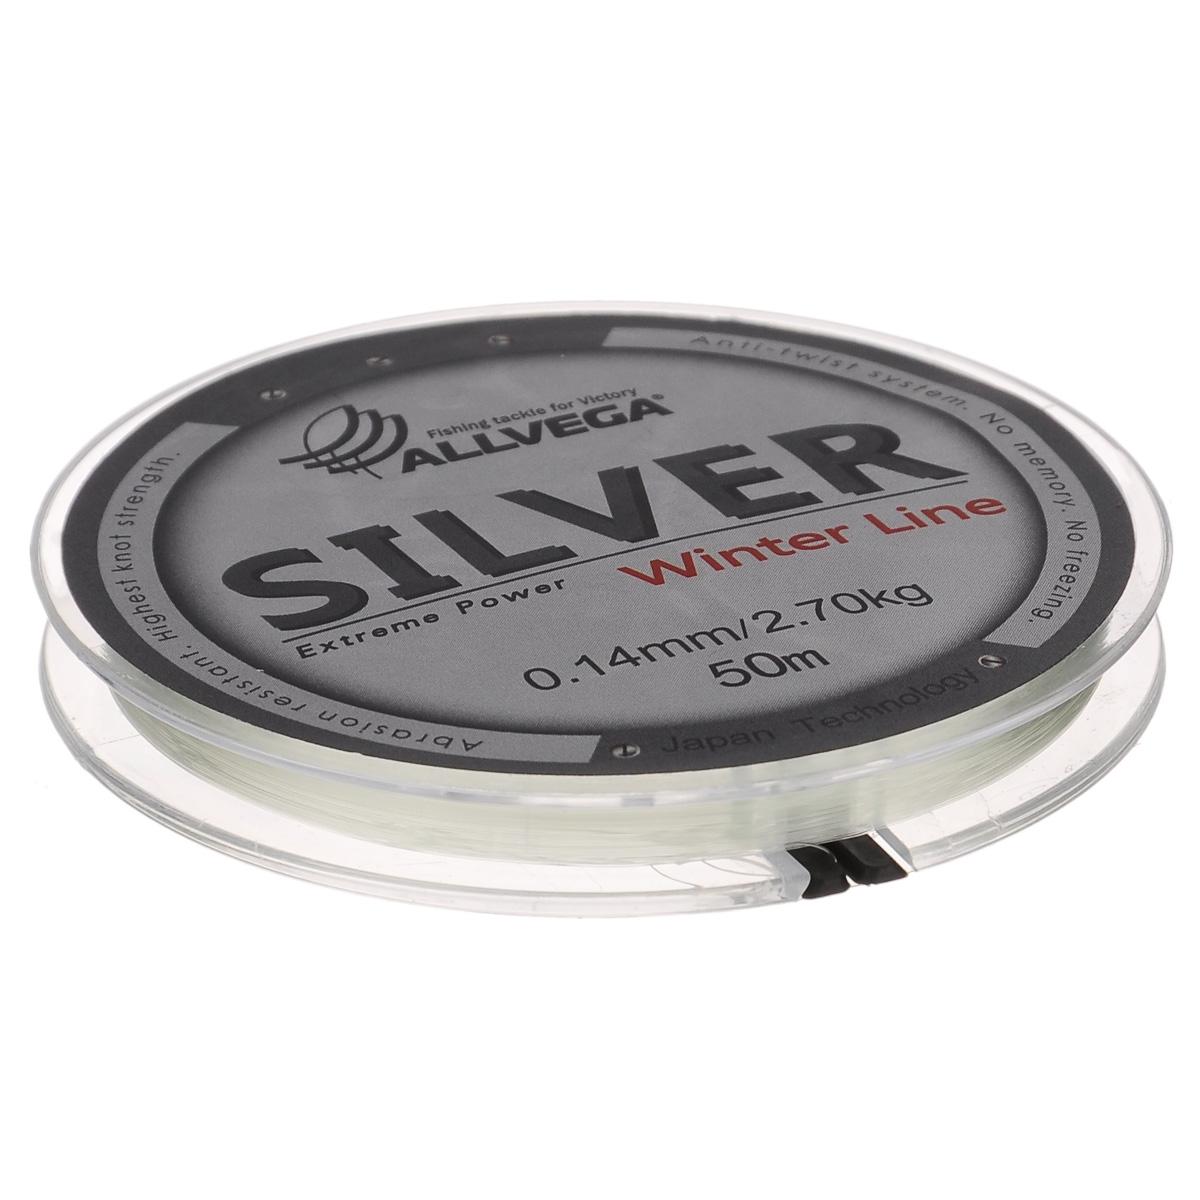 Леска Allvega Silver, цвет: серебристый, 50 м, 0,14 мм, 2,7 кг03/1/12Специальная зимняя леска Allvega Silver предназначена для использования во время низких температур. Имеет светло-серый, серебристый оттенок. Высокопрочная. Отсутствие механической памяти позволяет с успехом использовать ее для ловли на мормышку.